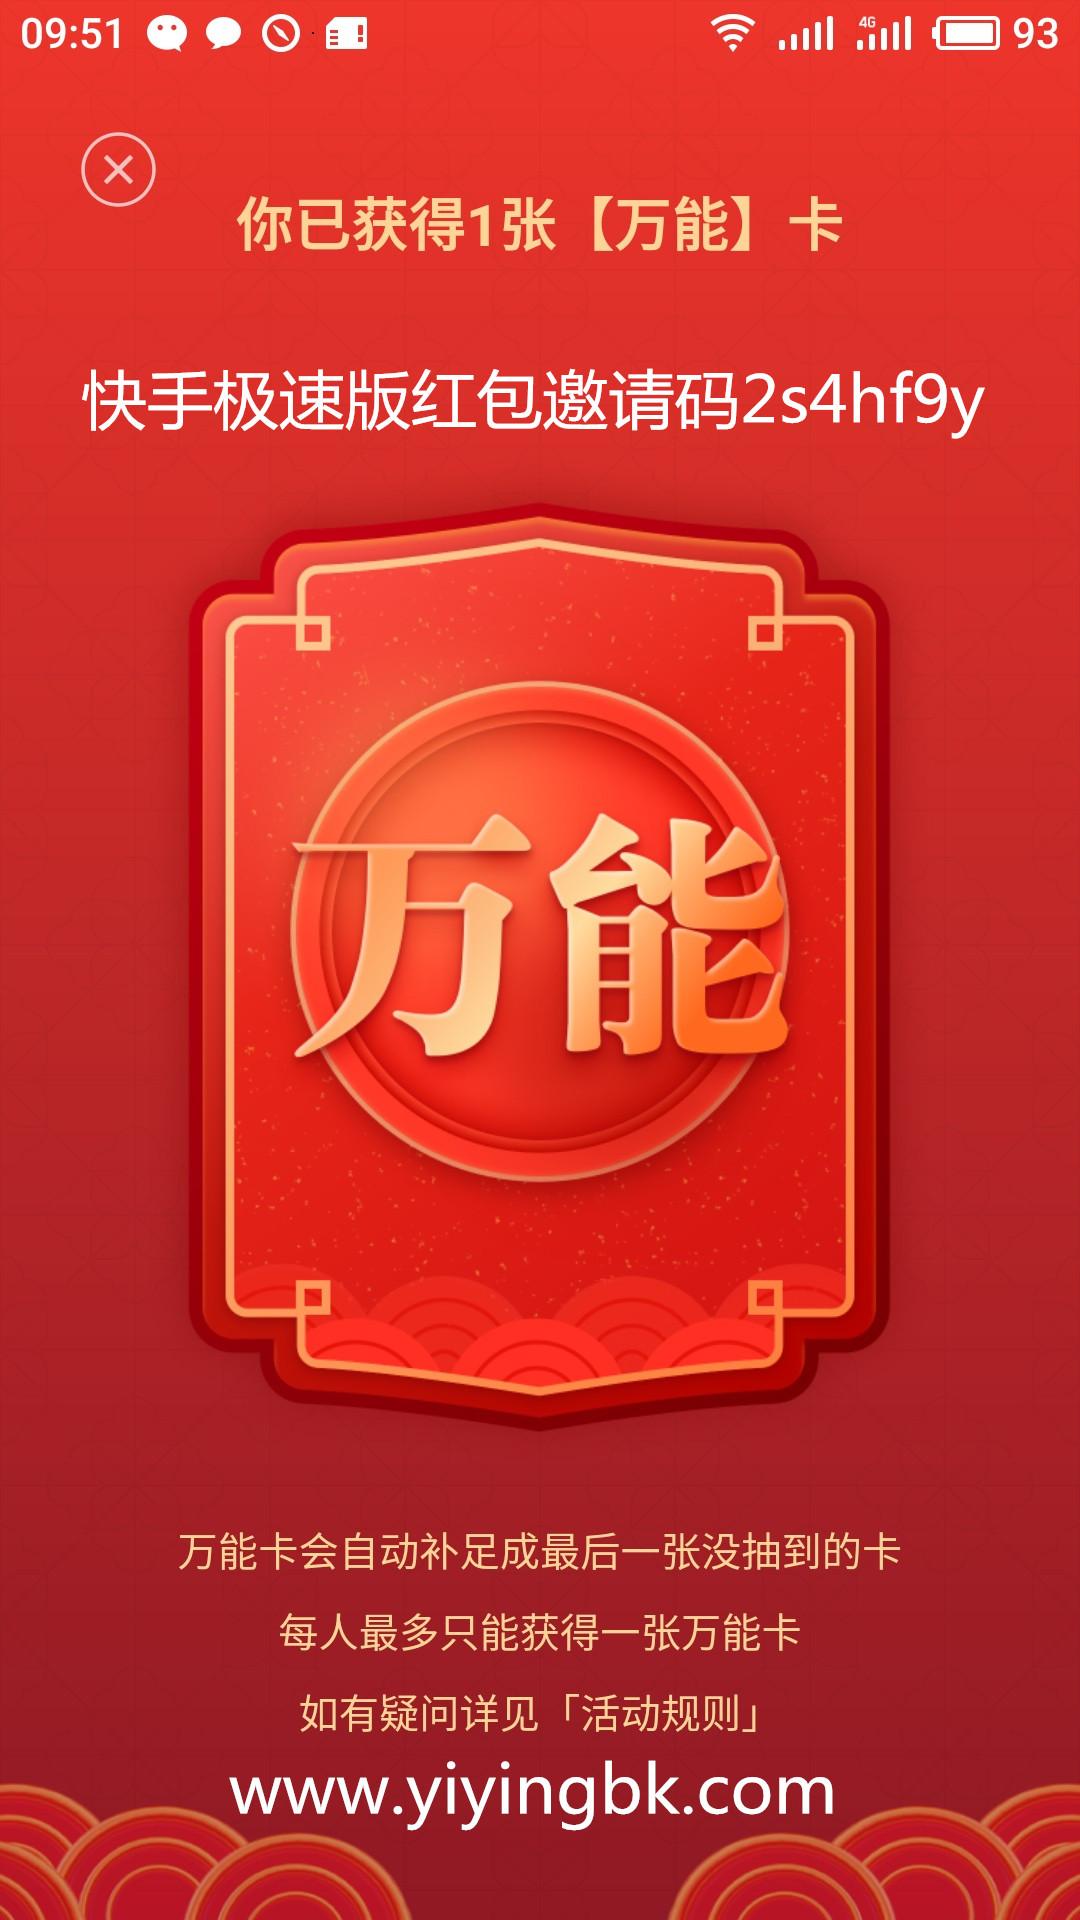 快手极速版集齐10个字卡,瓜分1亿现金红包,这是万能卡。